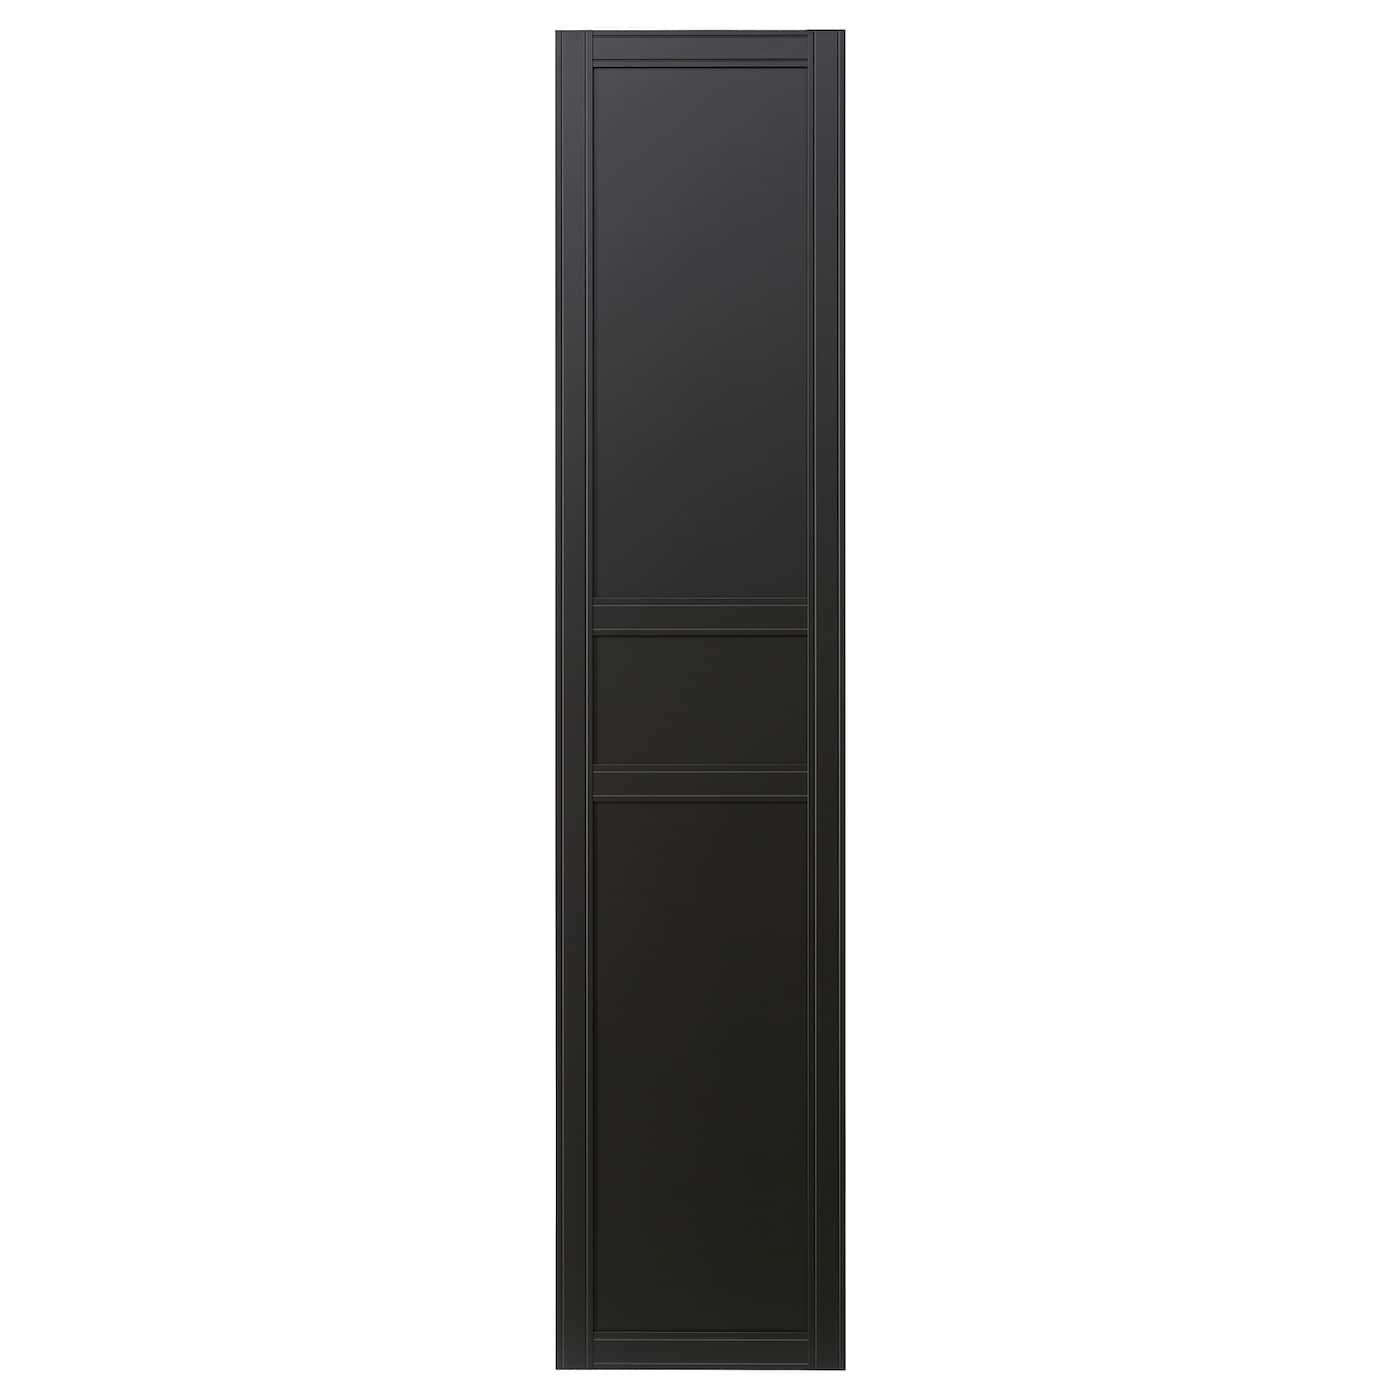 FLISBERGET, Tür, anthrazit 803.447.44